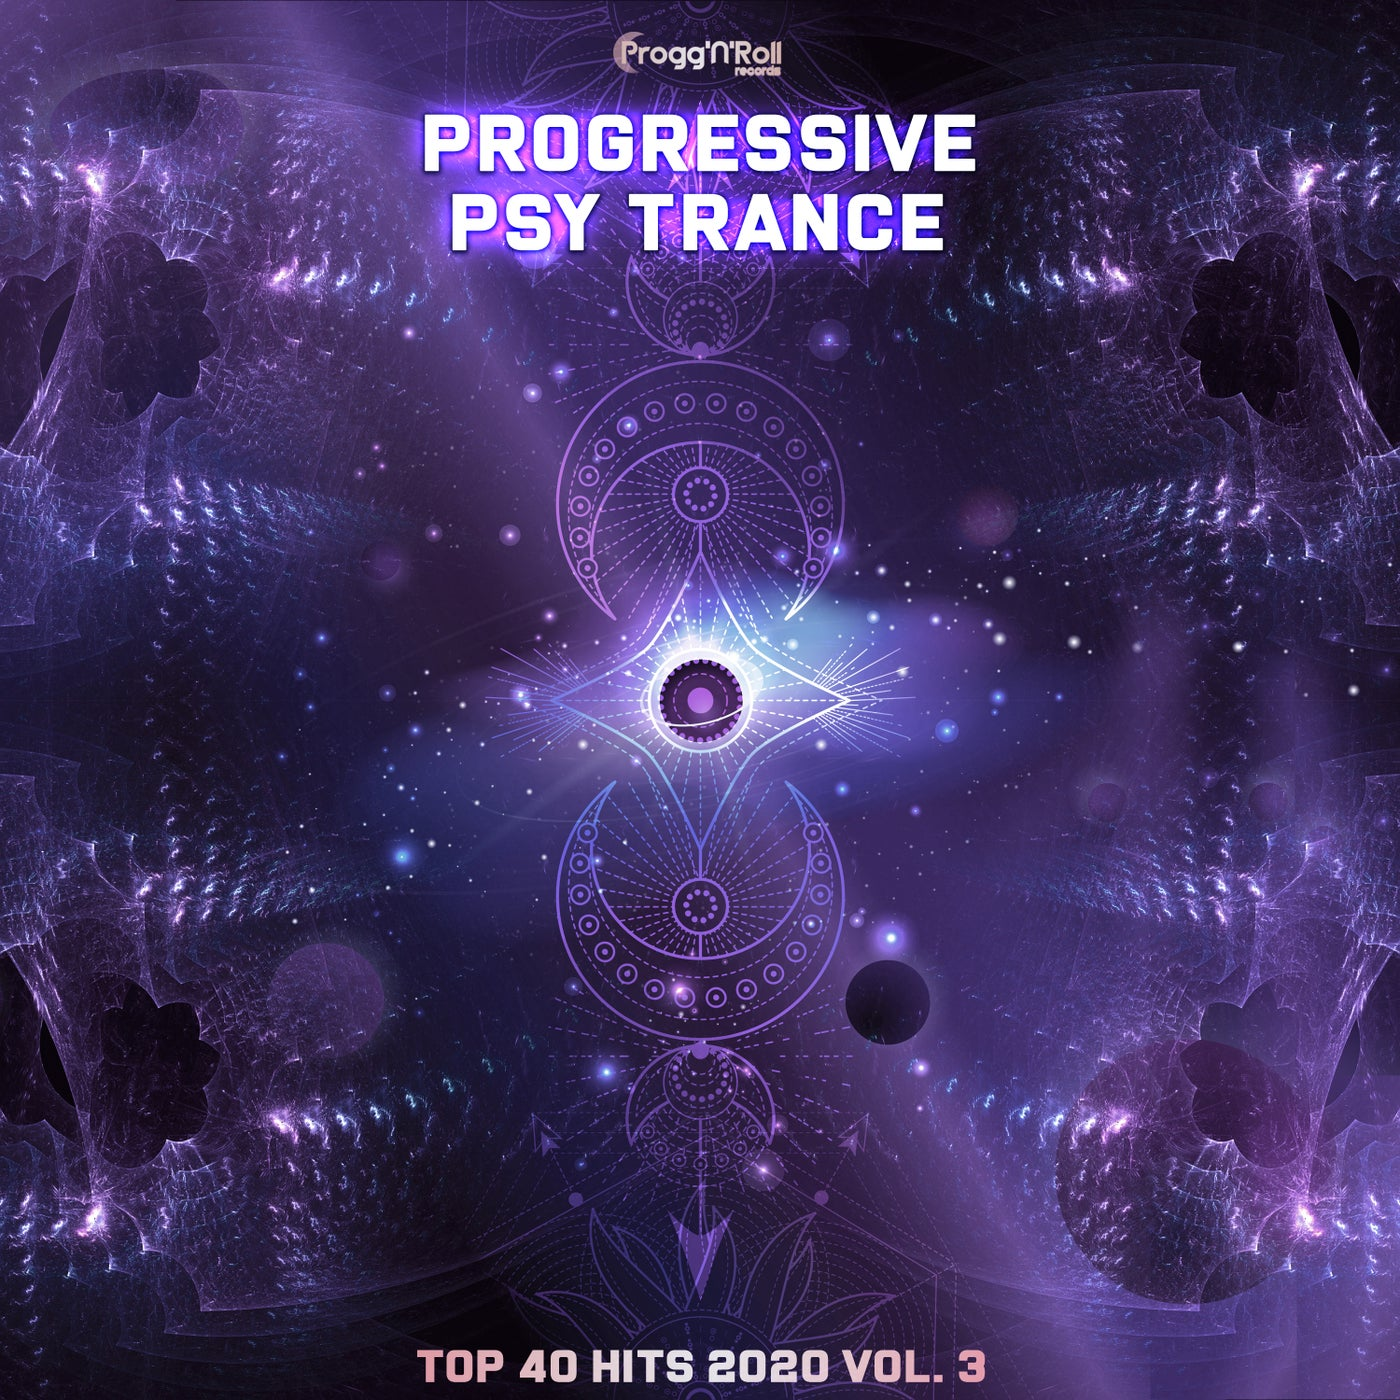 Progressive Psy Trance Top 40 Hits 2020, Vol. 3